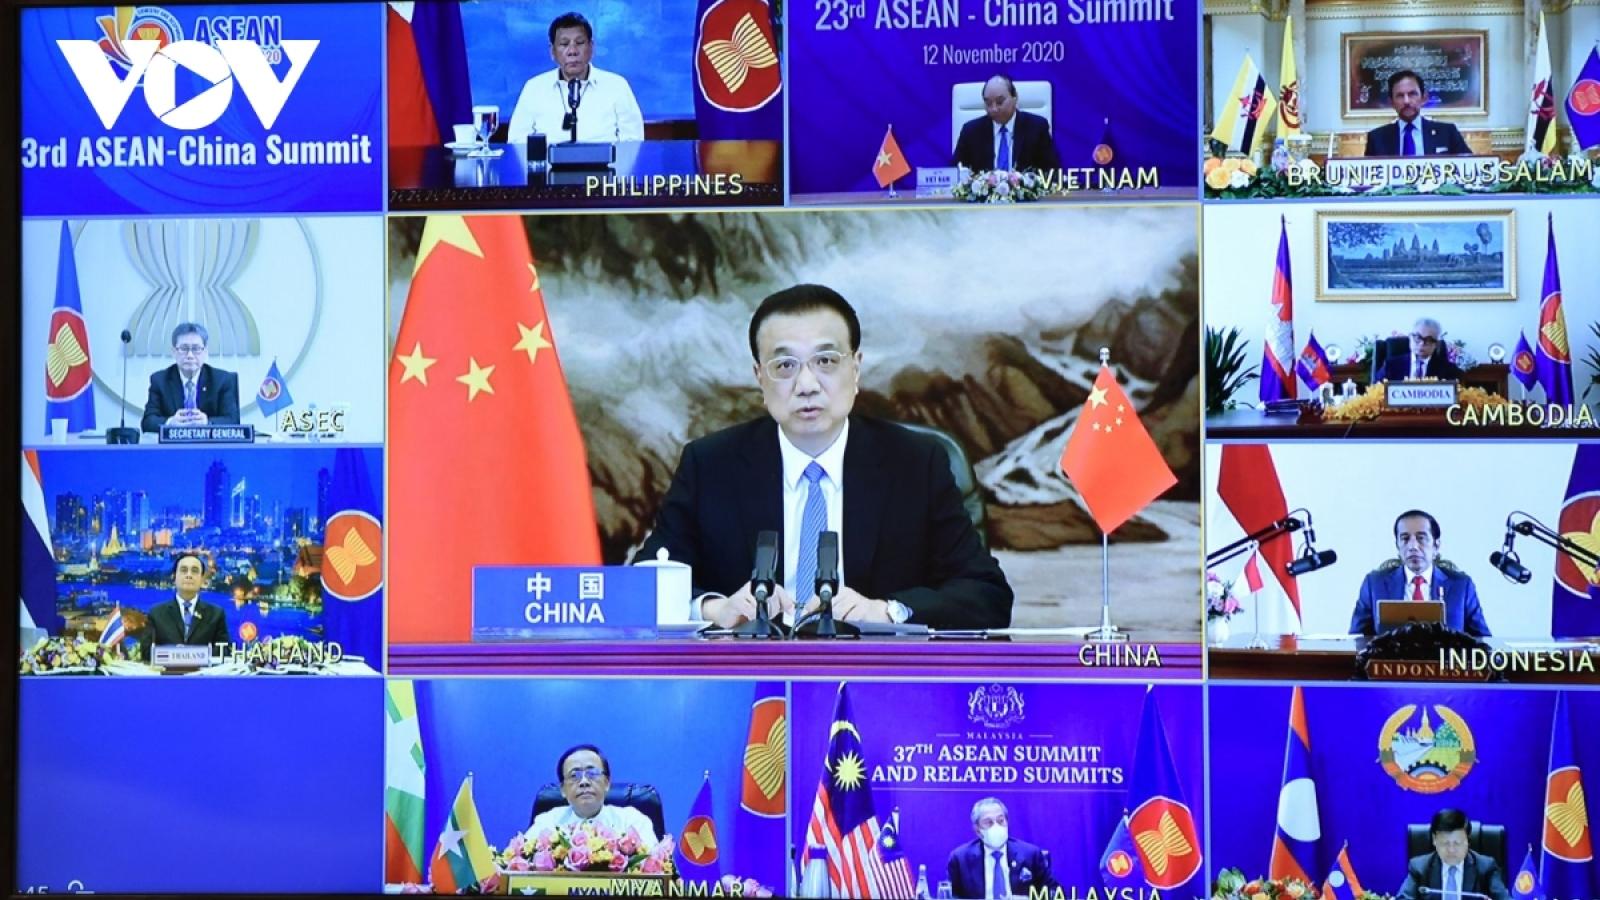 Hội nghị Cấp cao ASEAN 37: Tín hiệu tích cực về vấn đề Biển Đông và Covid-19